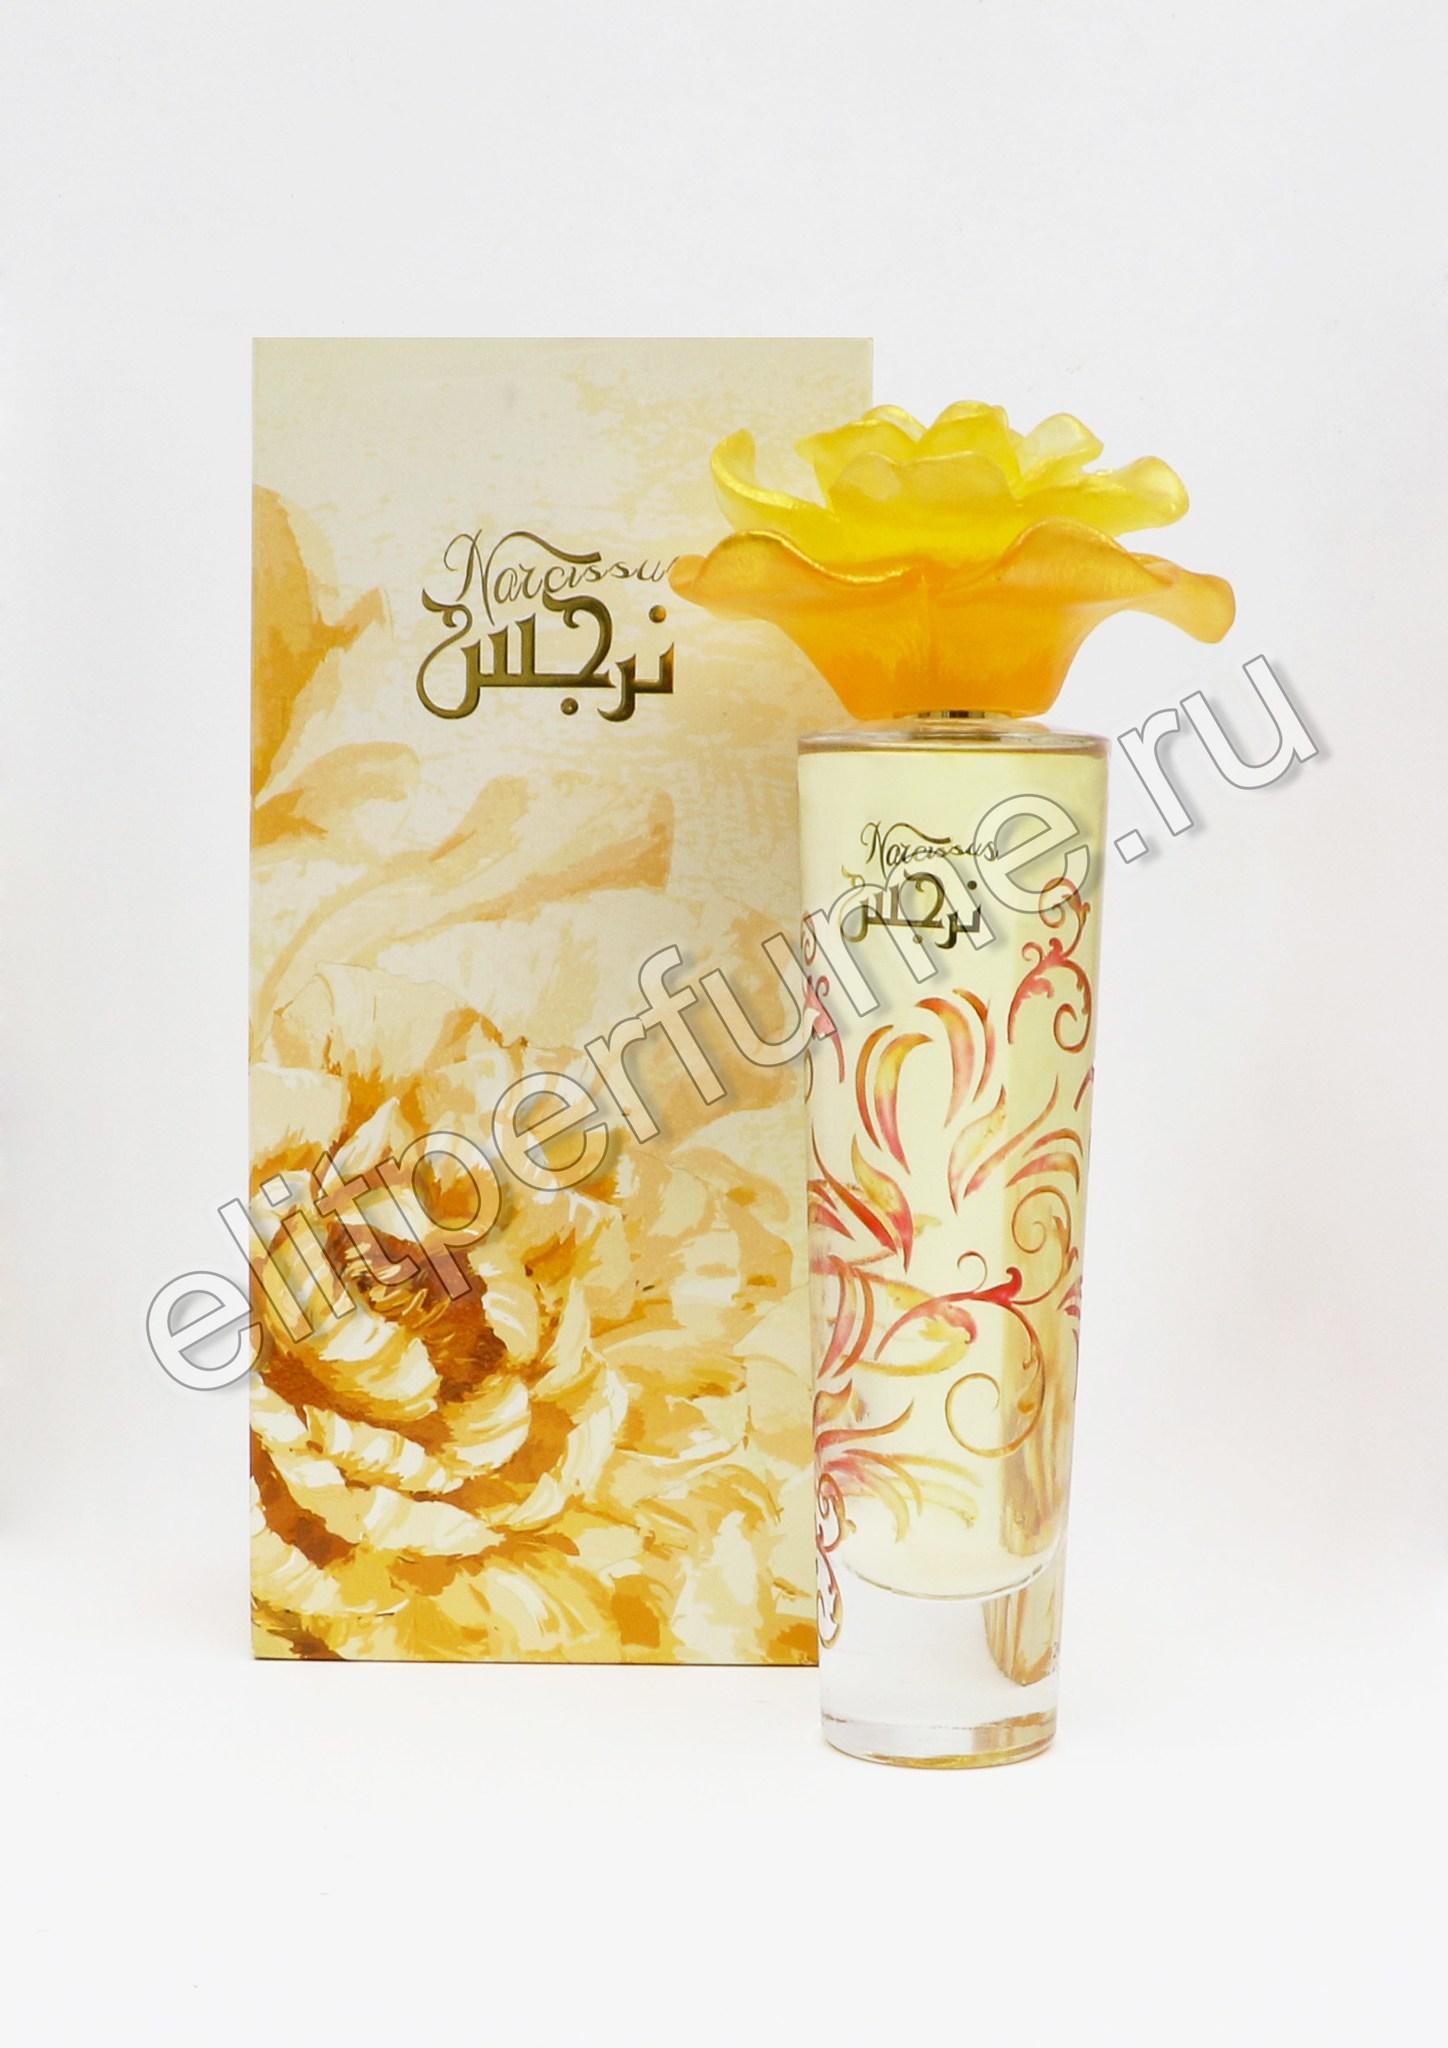 Narcissus  Нарцисс 100 мл спрей от Саид Джунаид Алам Syed Junaid Alam